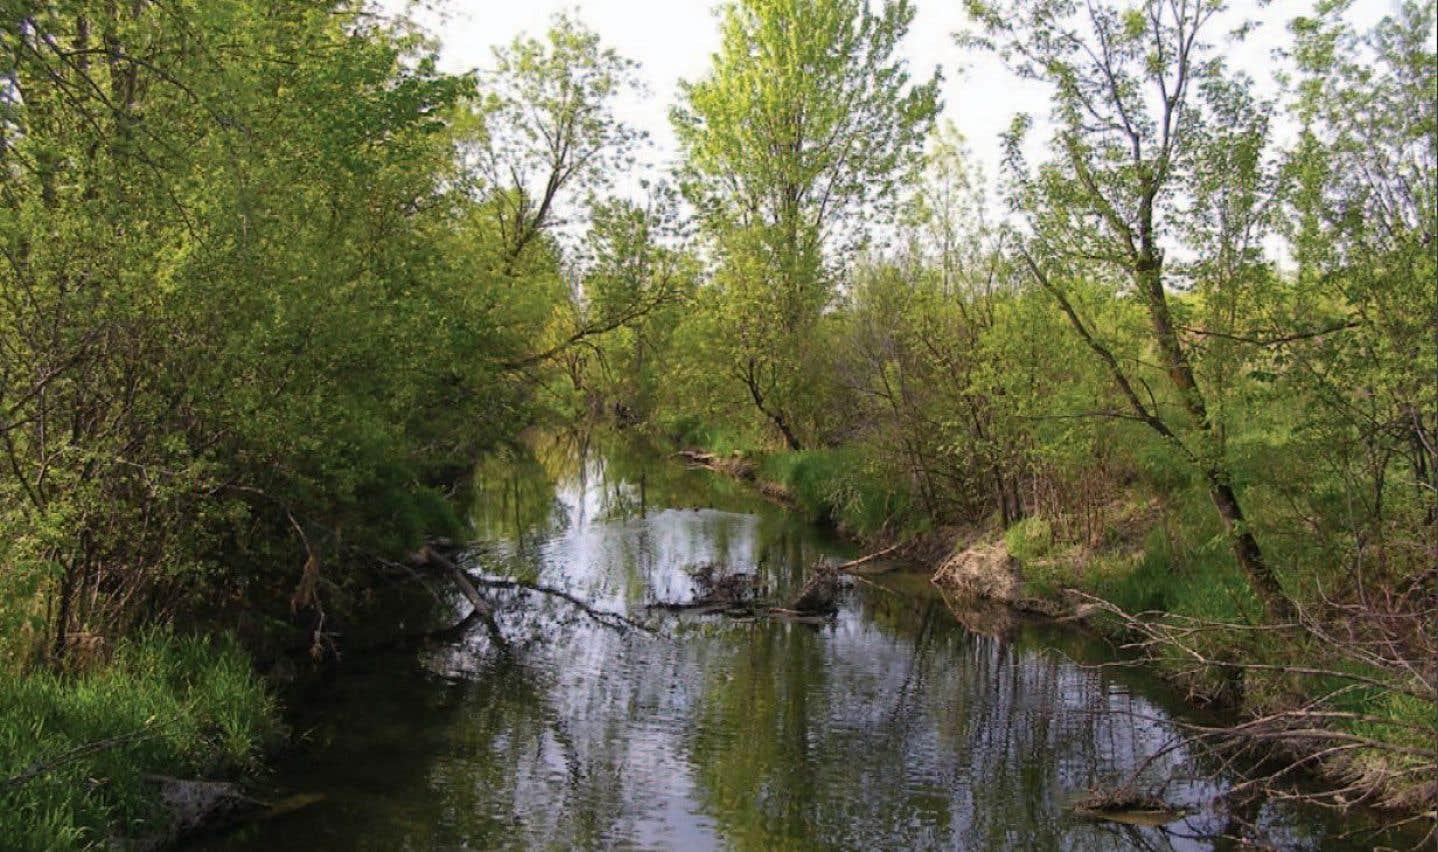 Le projet immobilier Cap Nature compte 5500 logements et prévoit la protection de 180 hectares de milieux naturels.